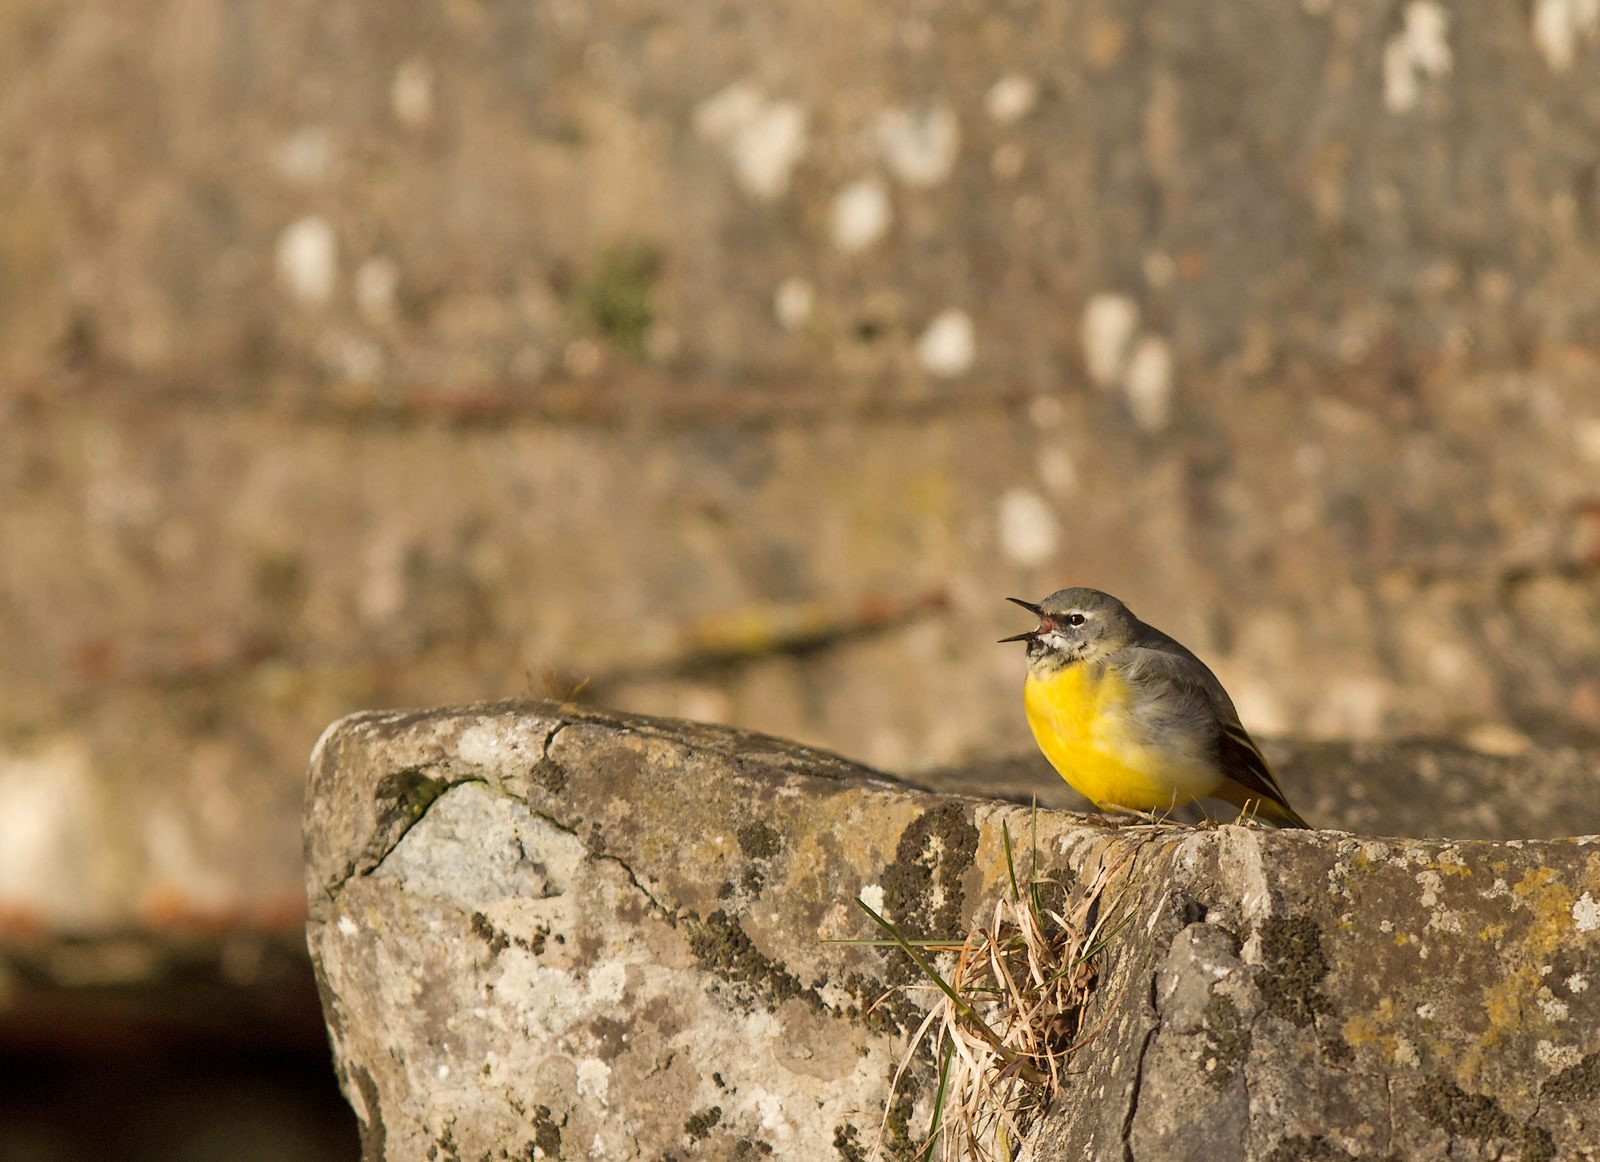 Parc de la Woluwe (Bruant des roseaux, bergeronnette des ruisseaux,...) + 3 nouvelles photos du bruant 1304020209375685111039918